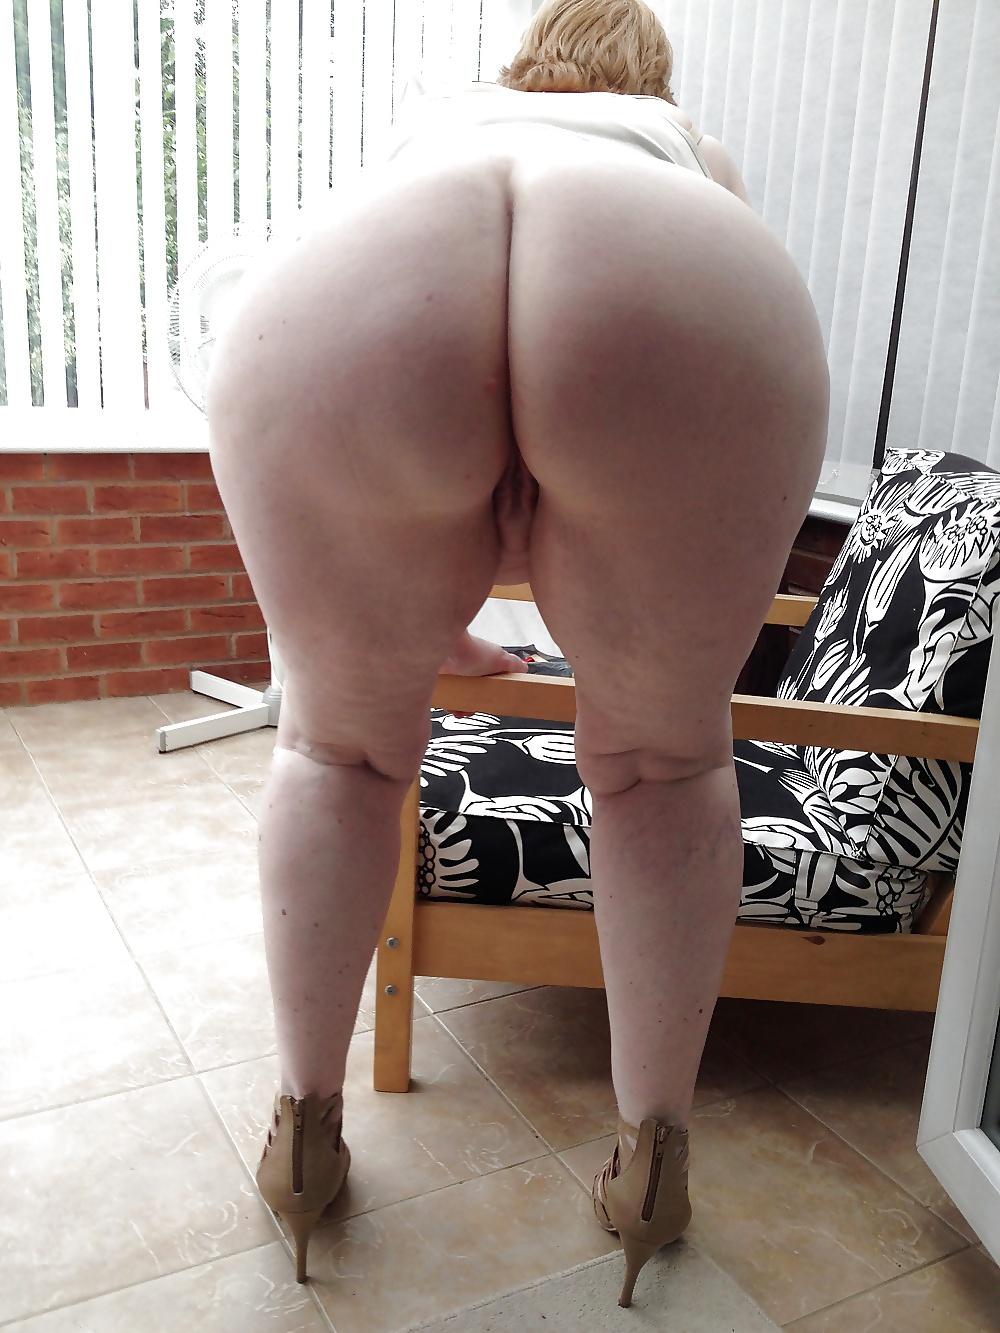 naked-gilf-ass-best-slut-wife